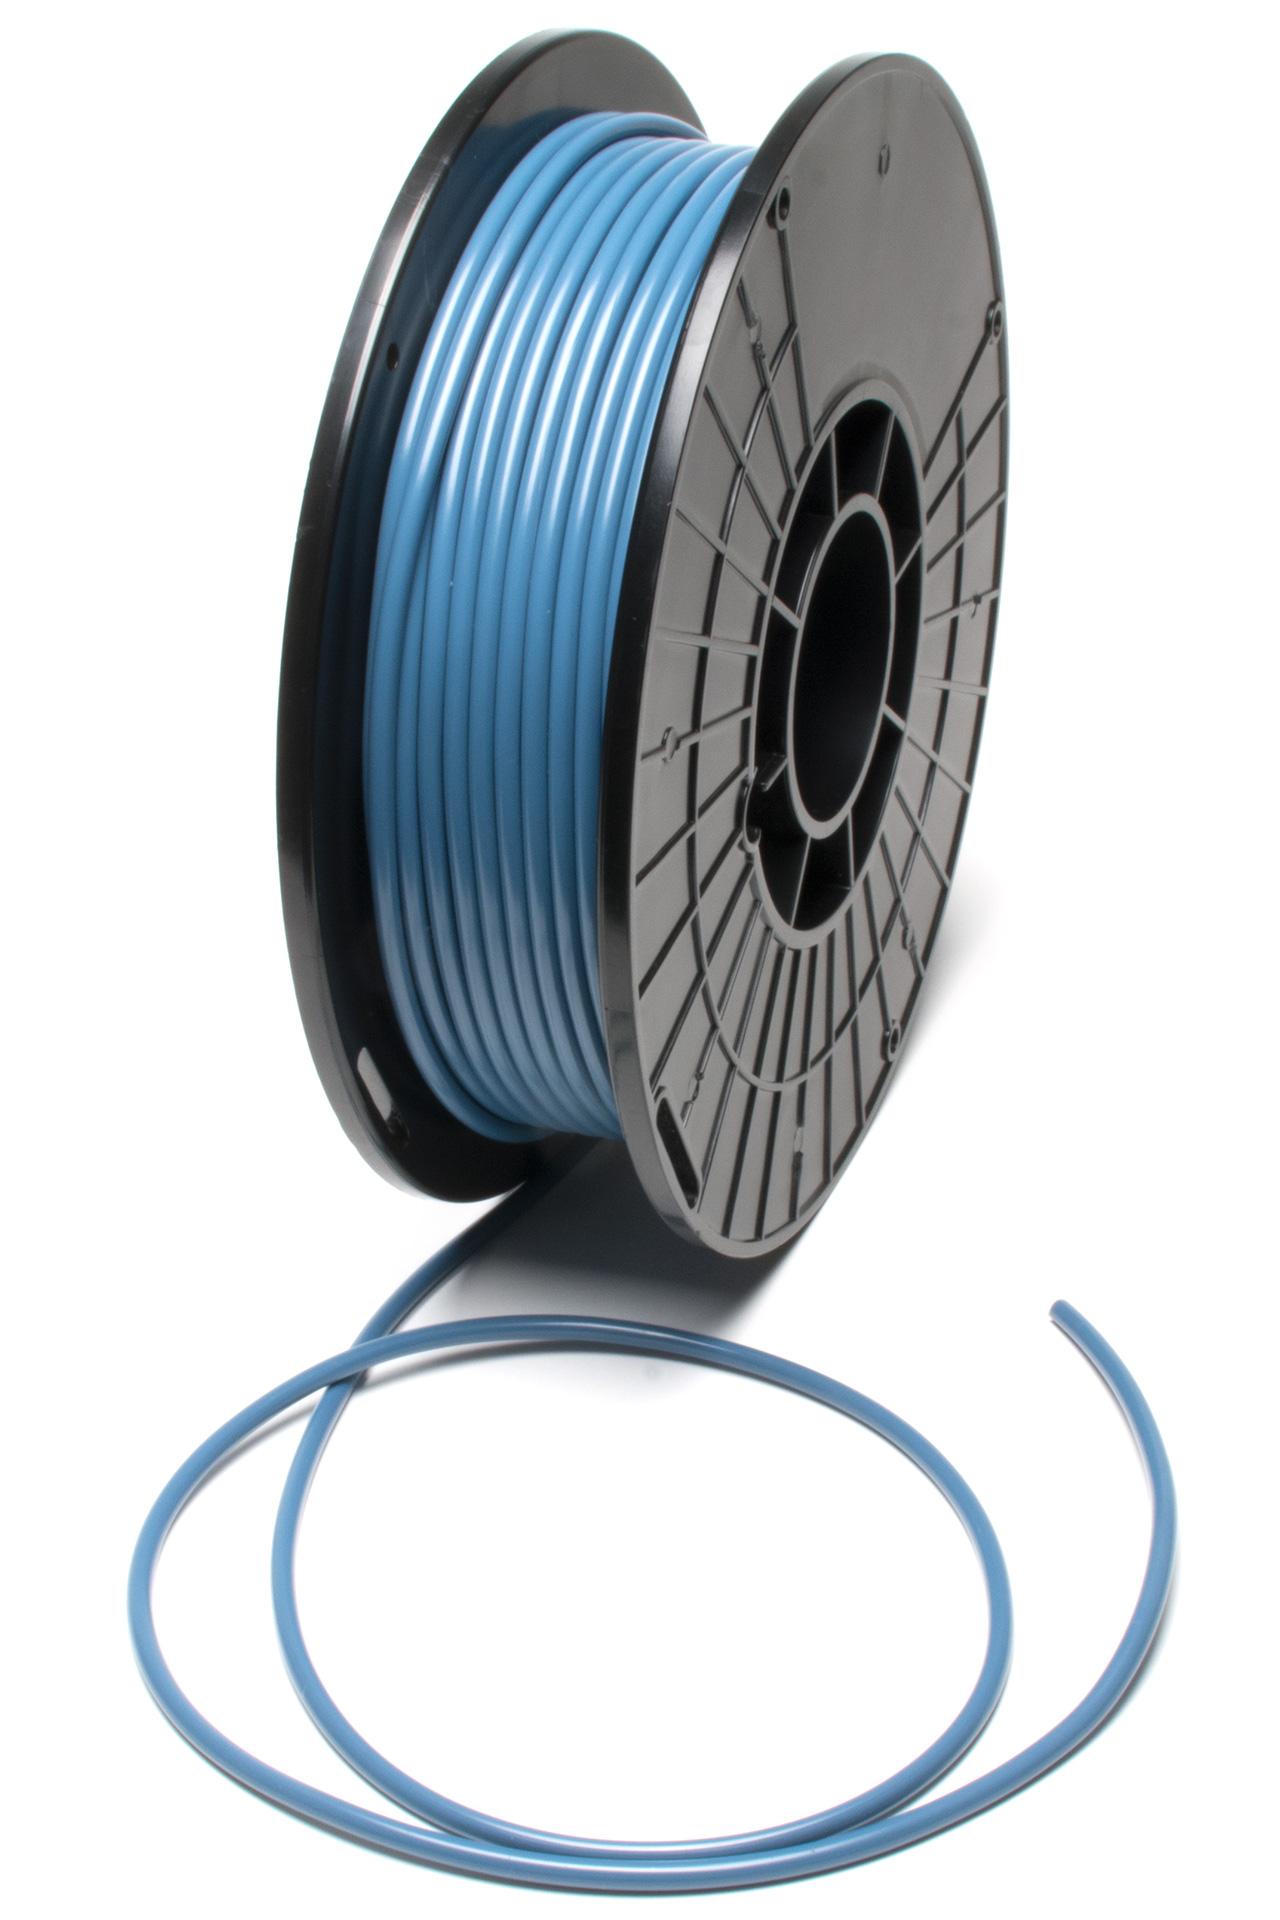 Transit welding cord in blue